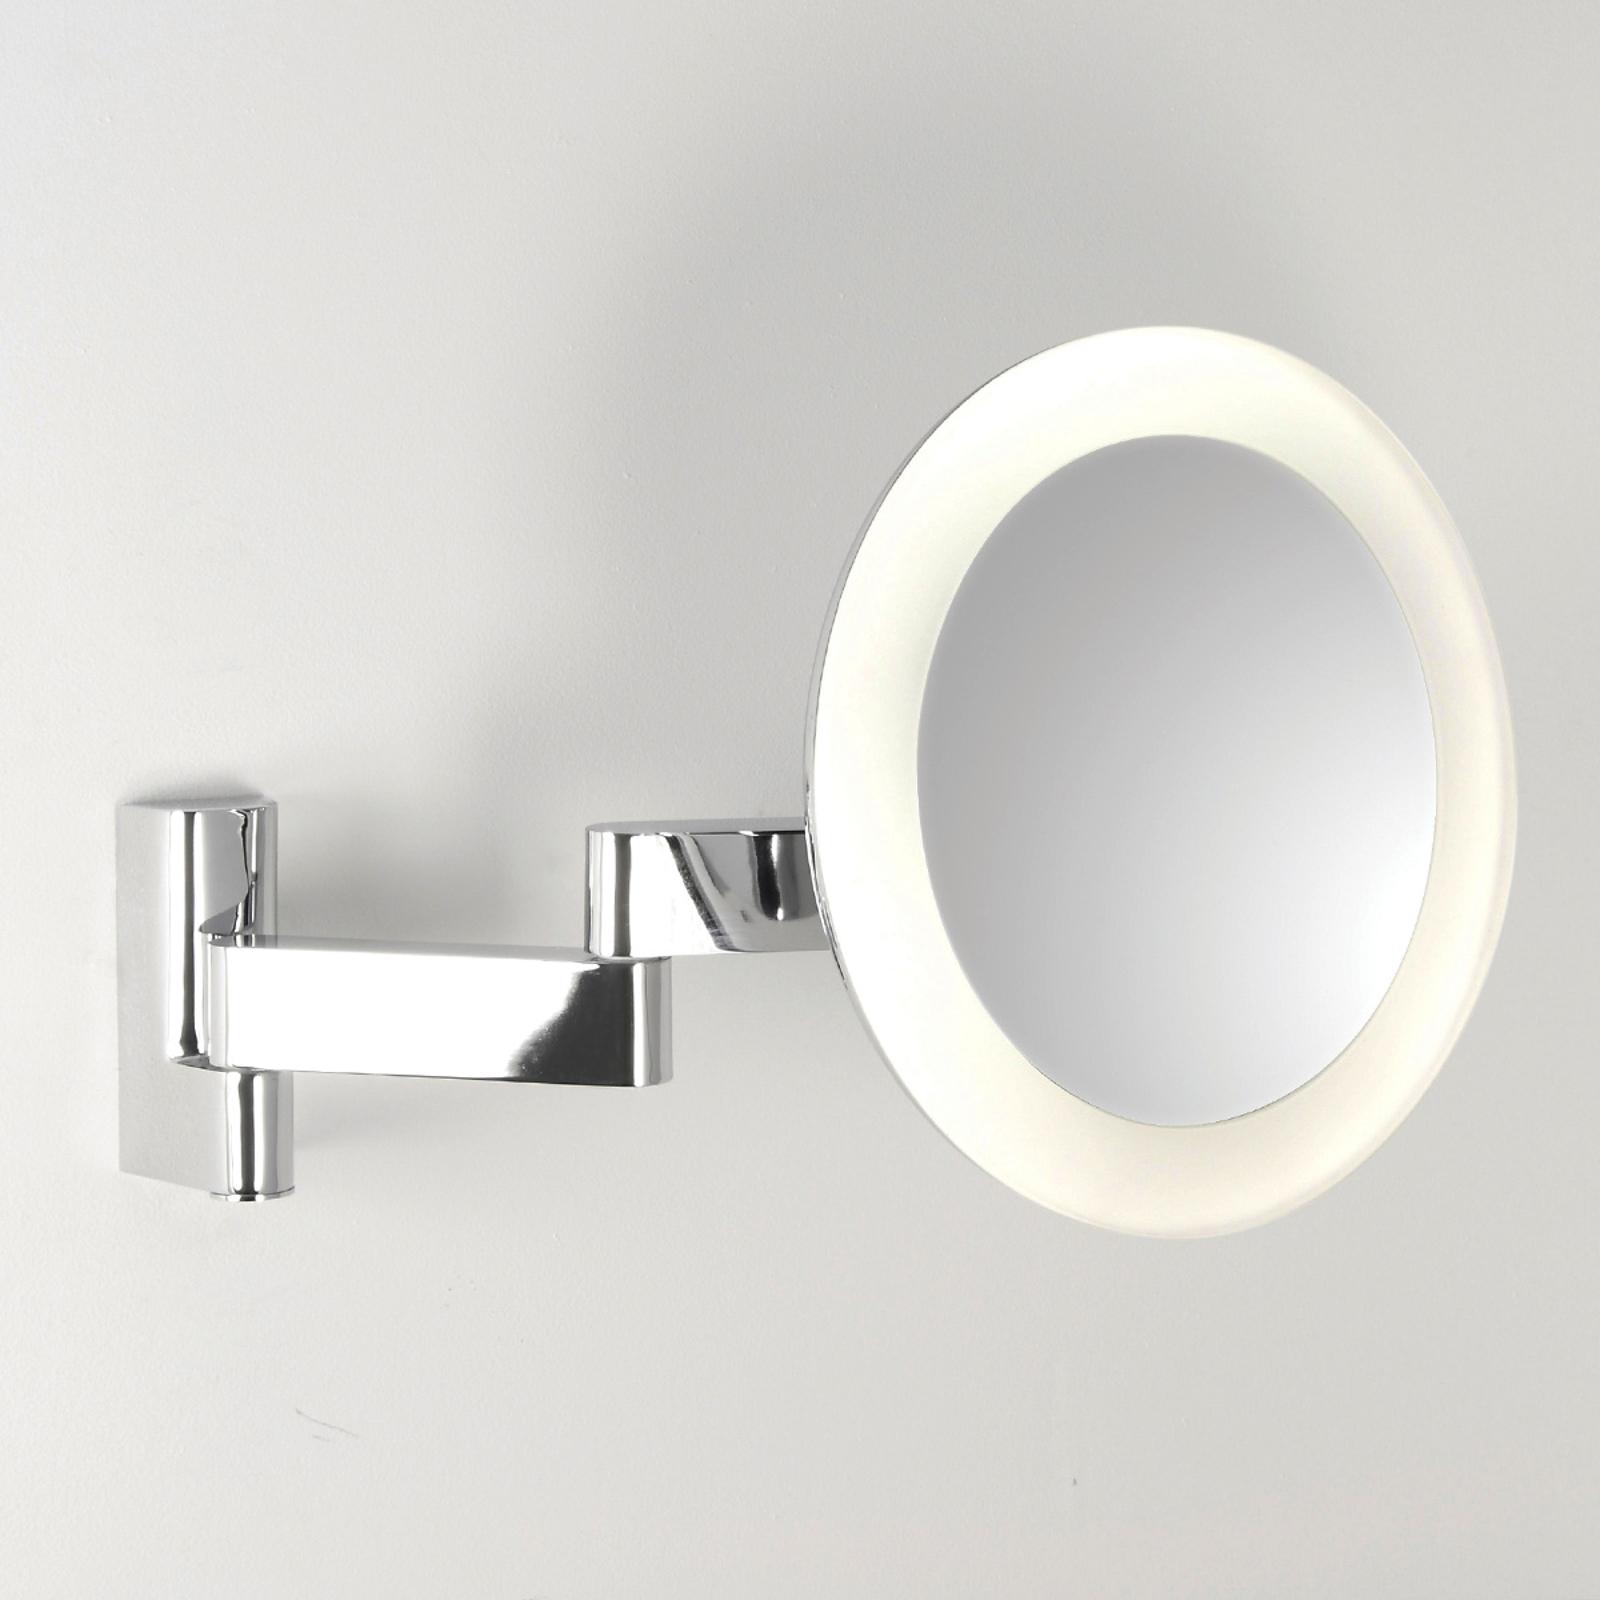 Specchio cosemtico NIIMI ROUND con luce LED